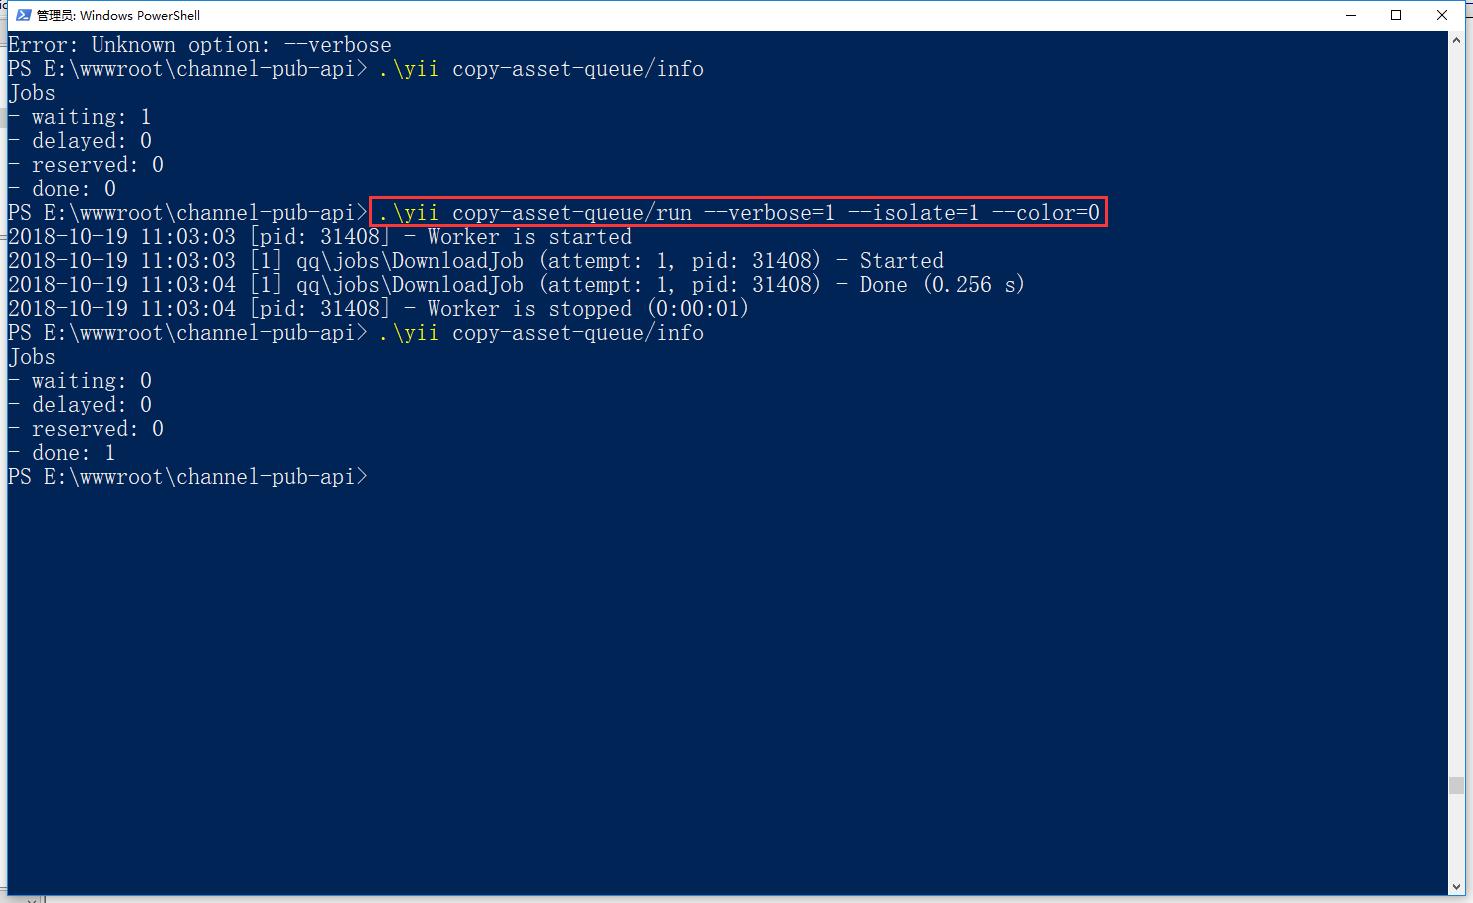 run 命令获取并执行循环中的任务,直到队列为空